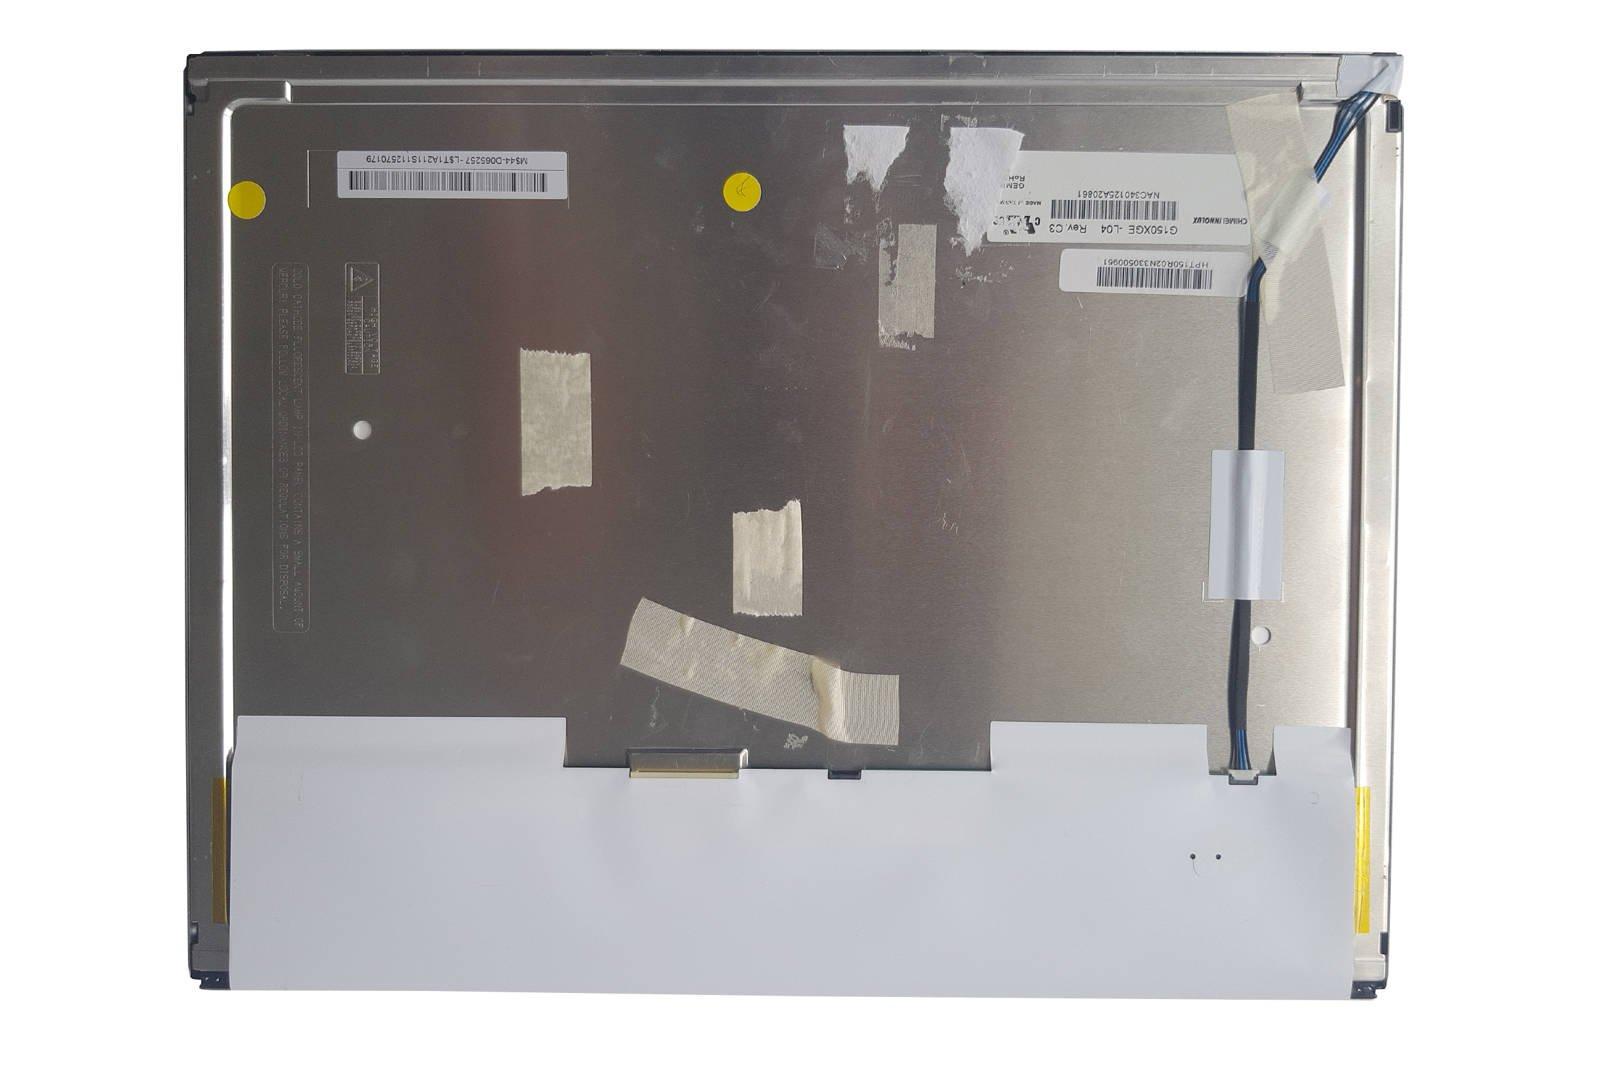 Bildschirm Innolux 15.0' G150XGE-L04 Rev. C3